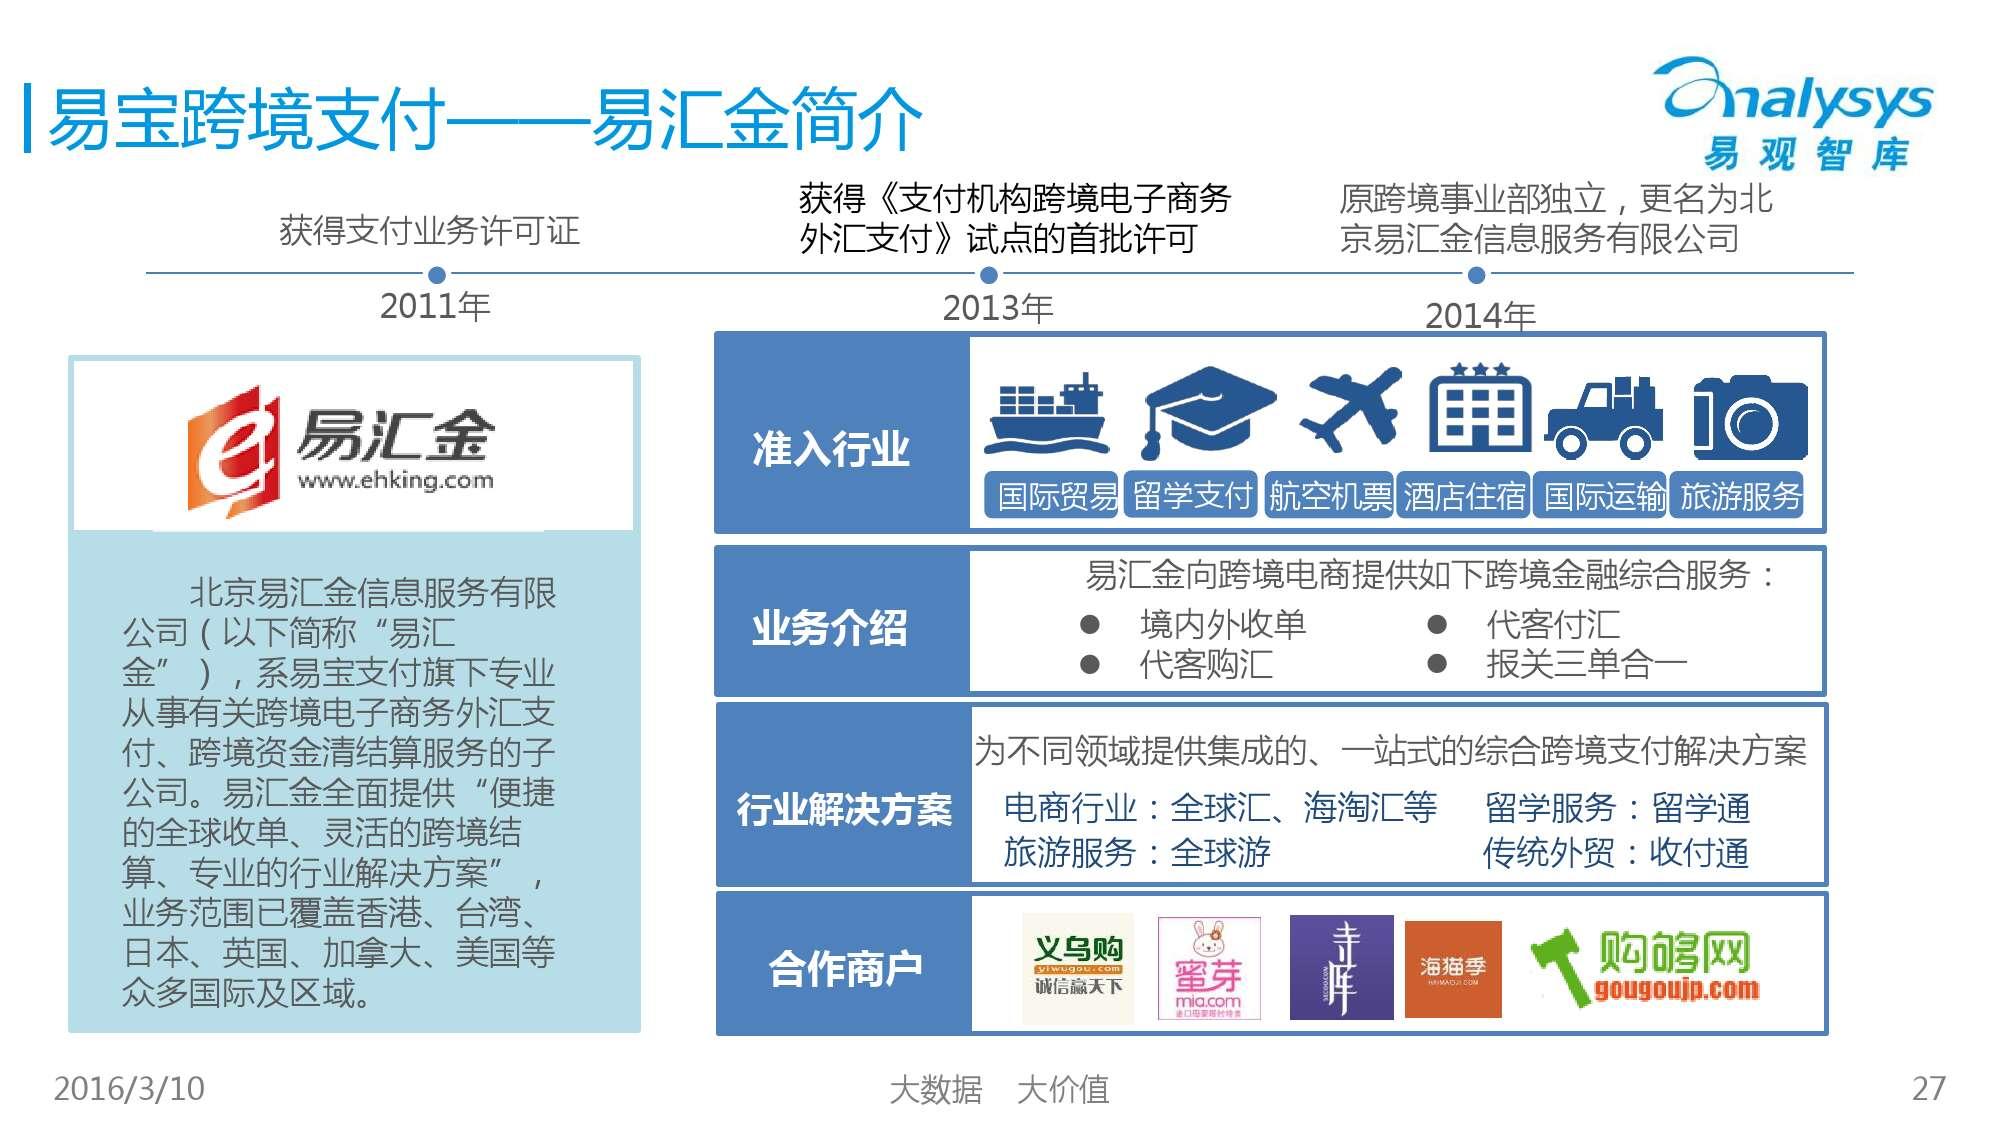 中国跨境支付市场专题研究报告2016_000027